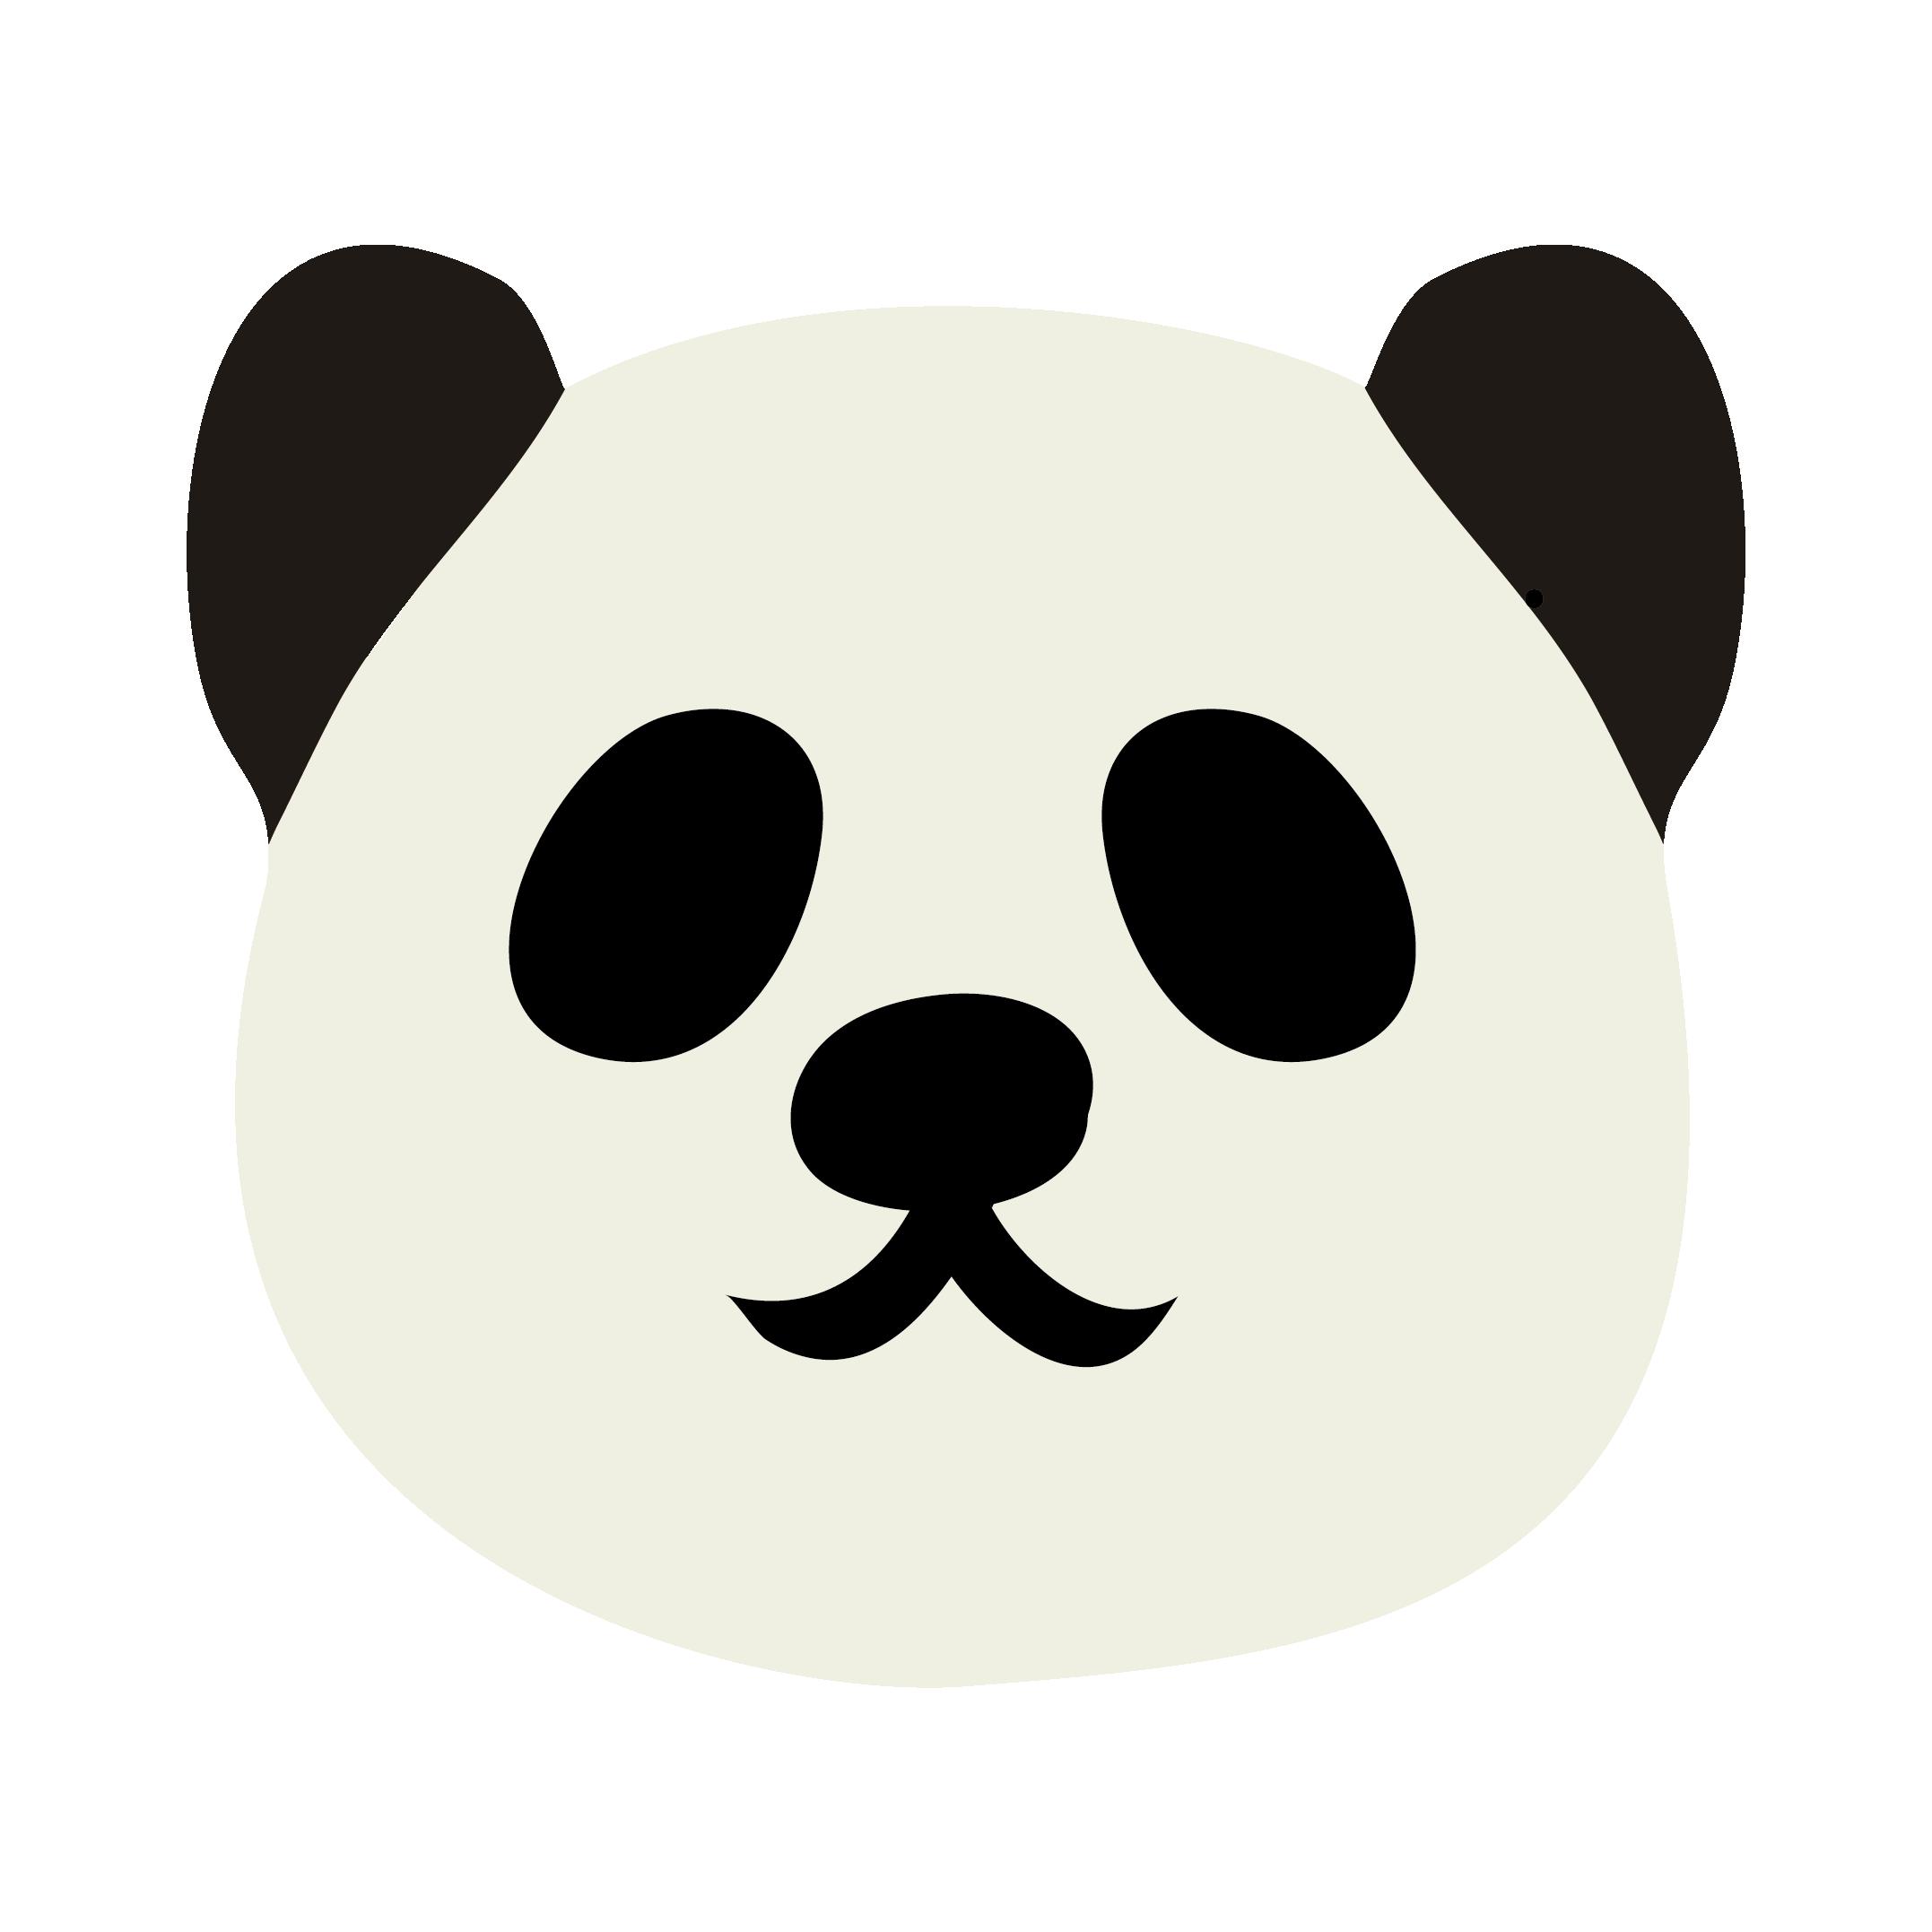 パンダイラスト かわいい顔アップ♪ | 商用フリー(無料)のイラスト素材